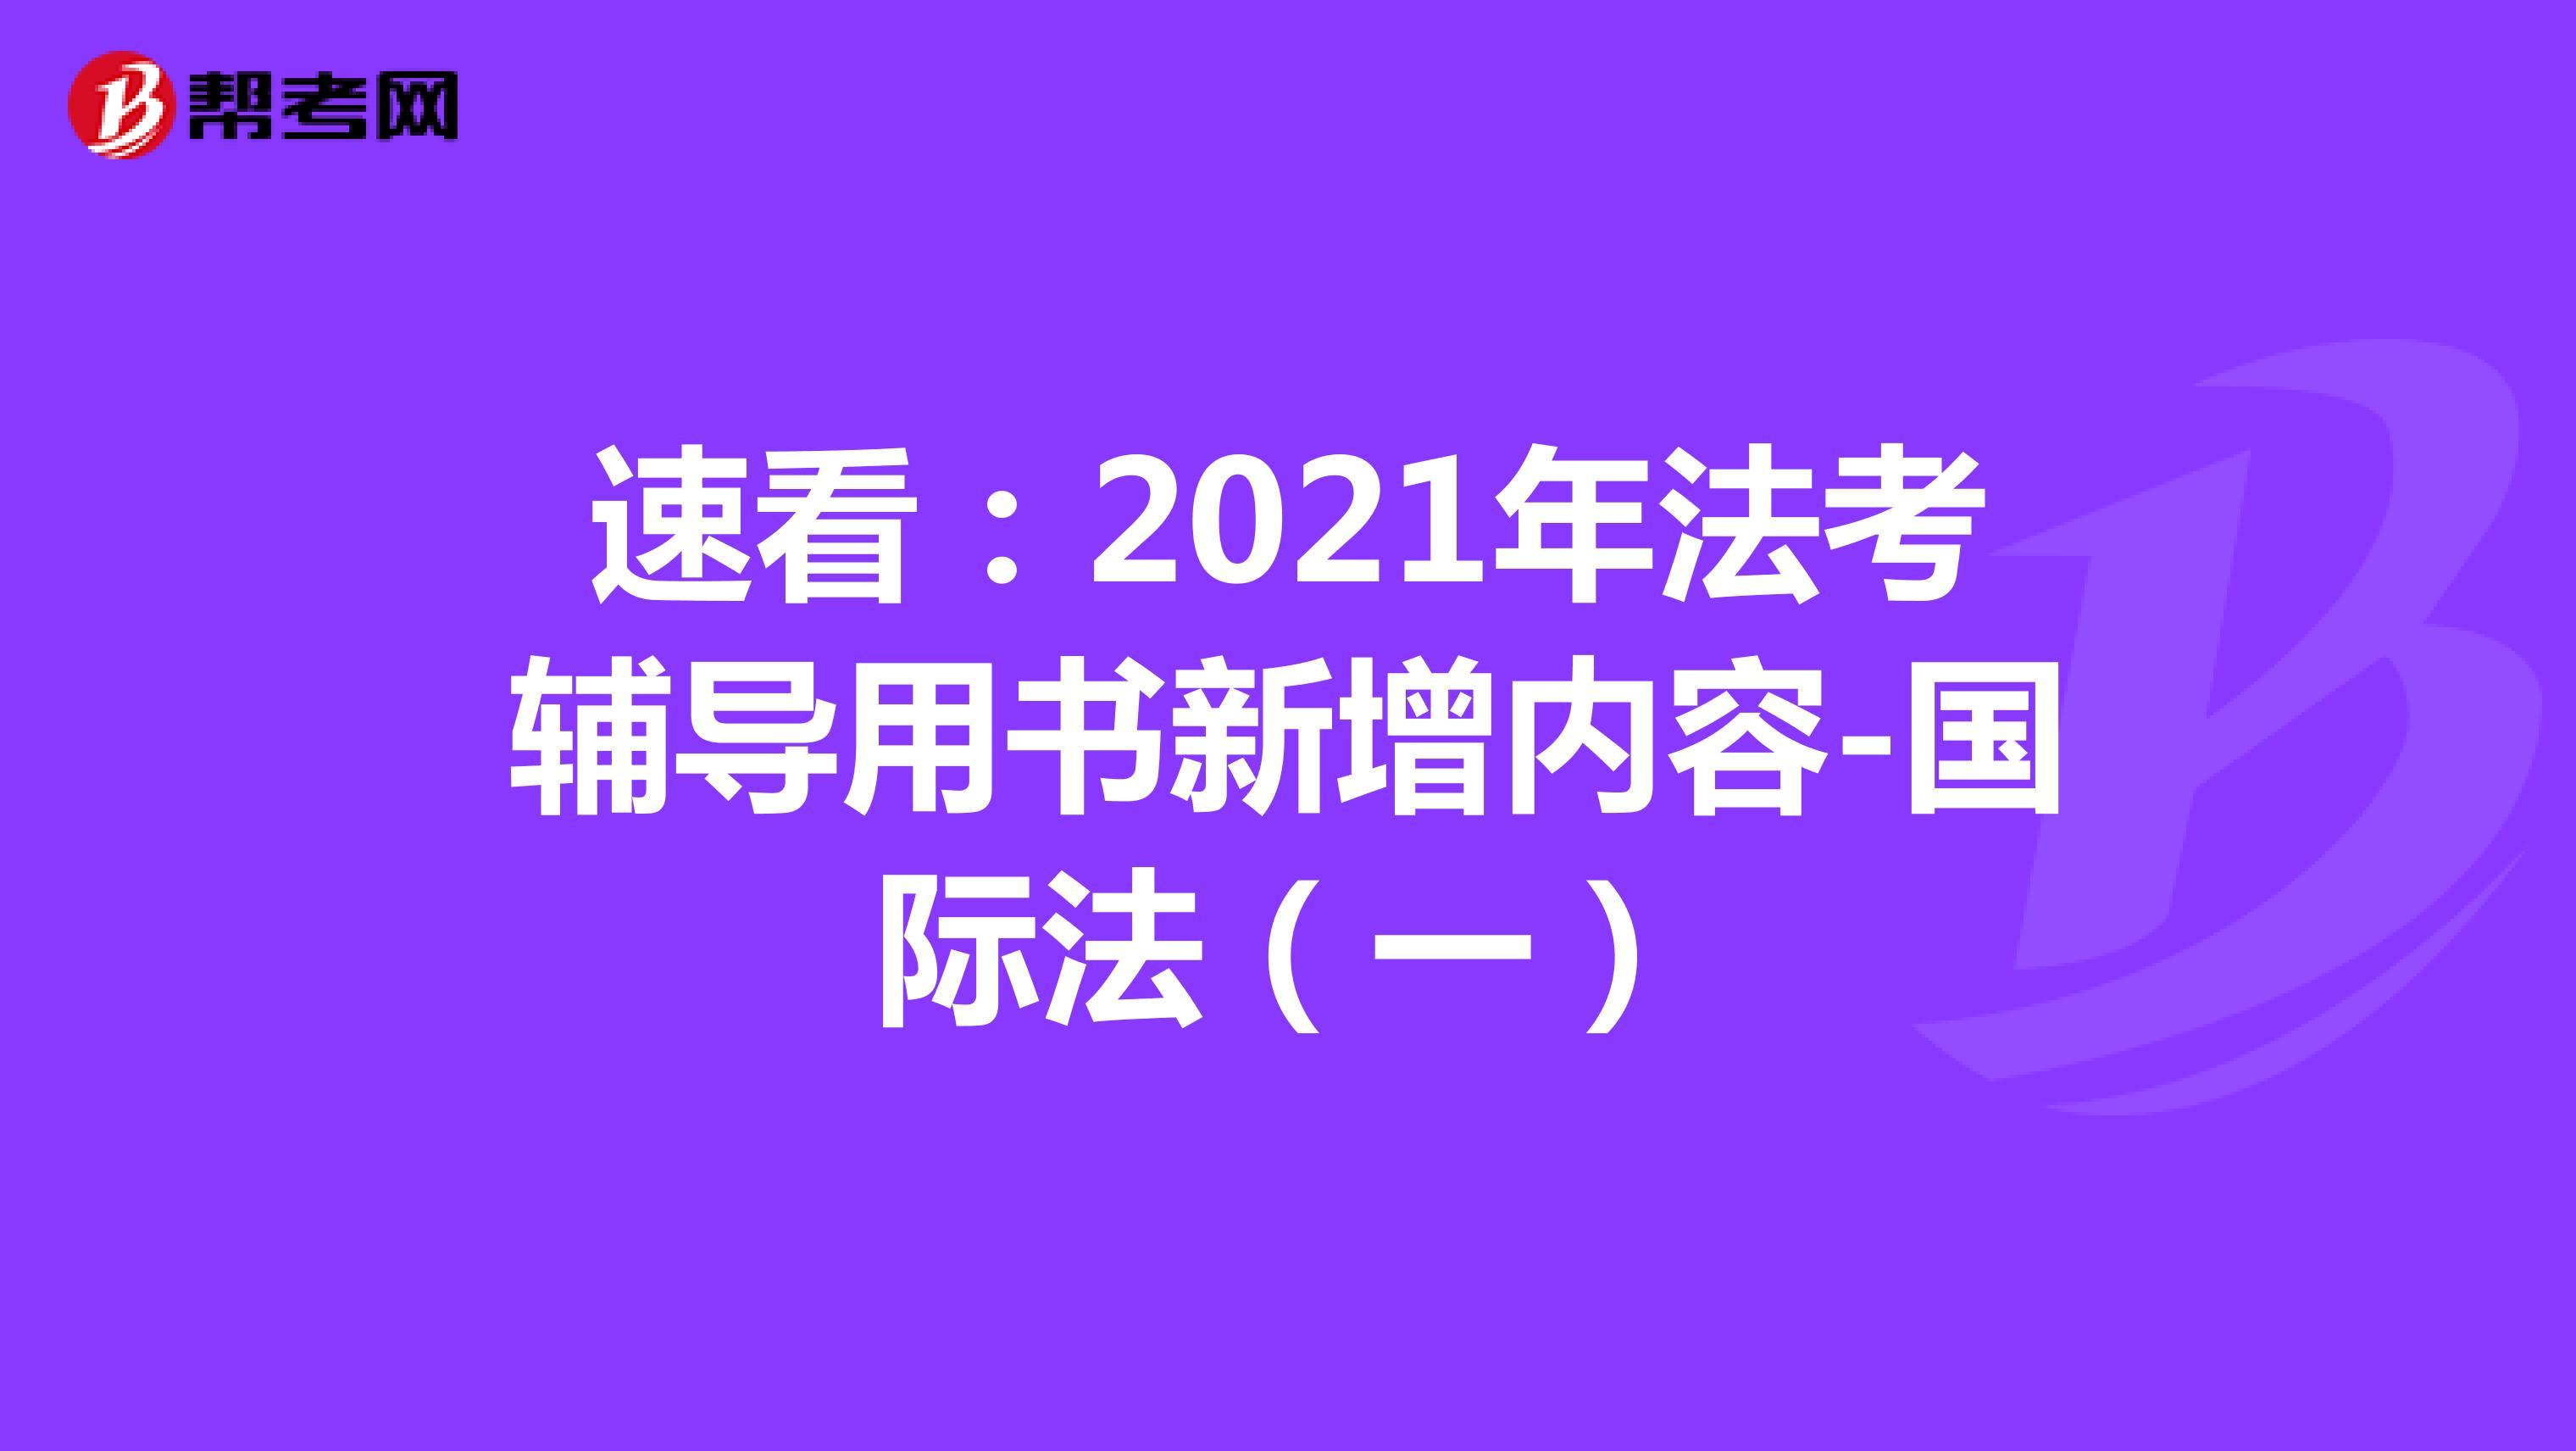 速看:2021年法考辅导用书新增内容-国际法(一)